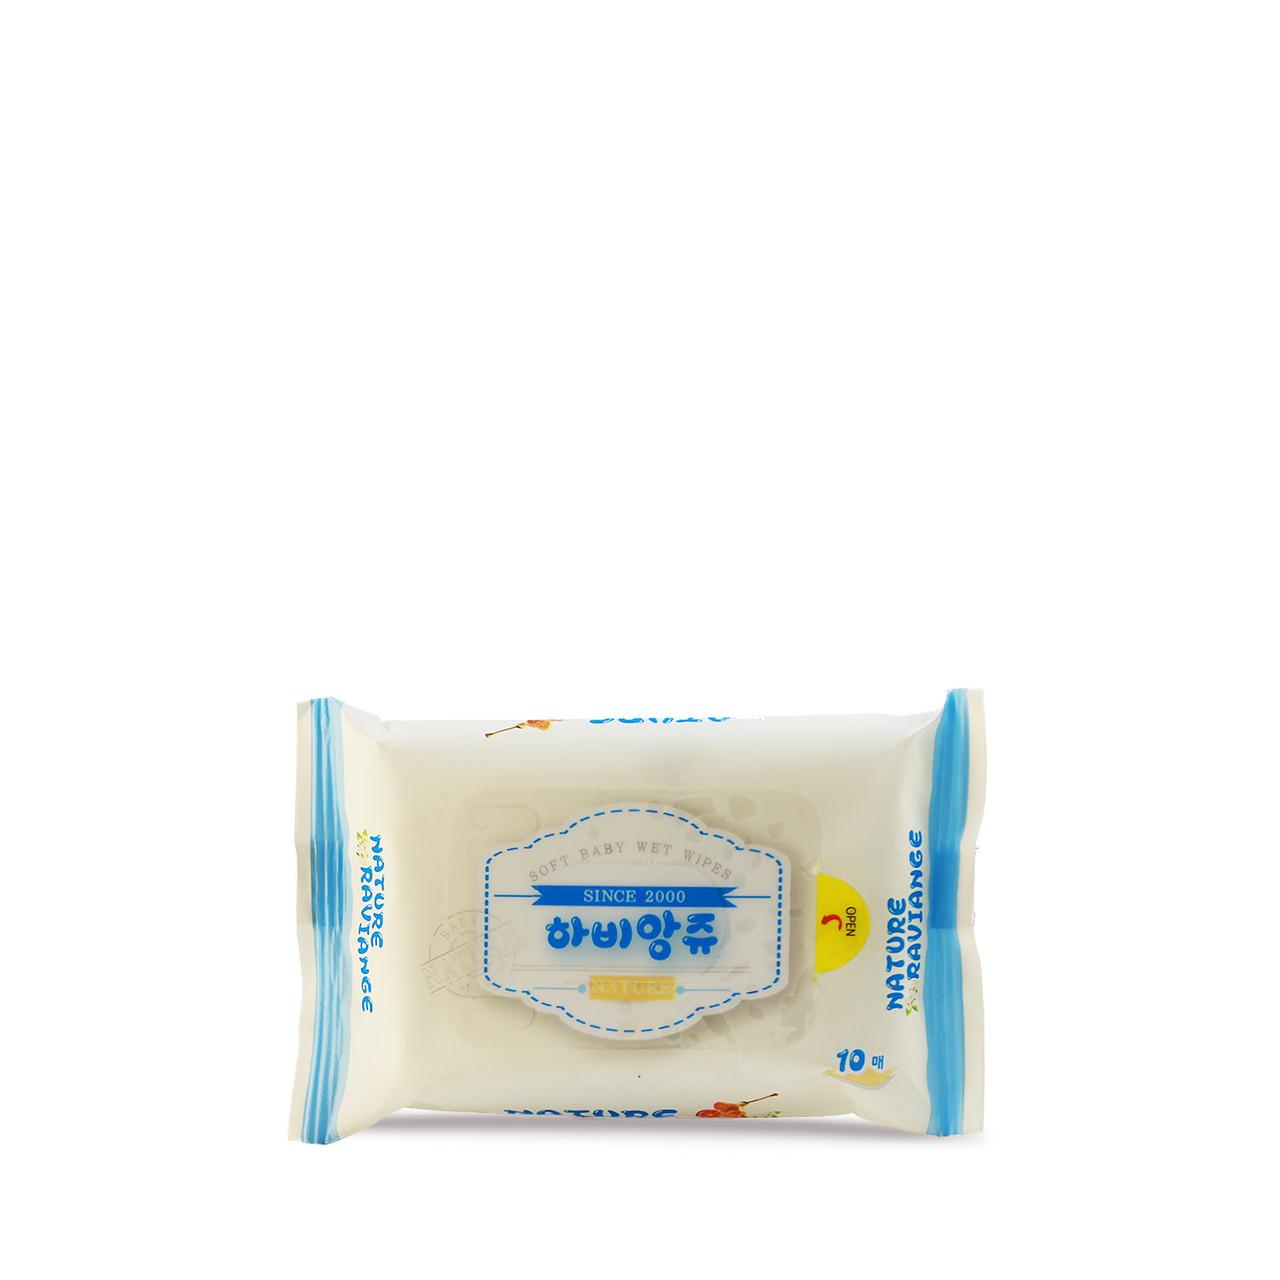 Taewang Влажные детские антибактериальные салфетки премиум класса Mini Clean Baby Wet Wipes / 10 шт.